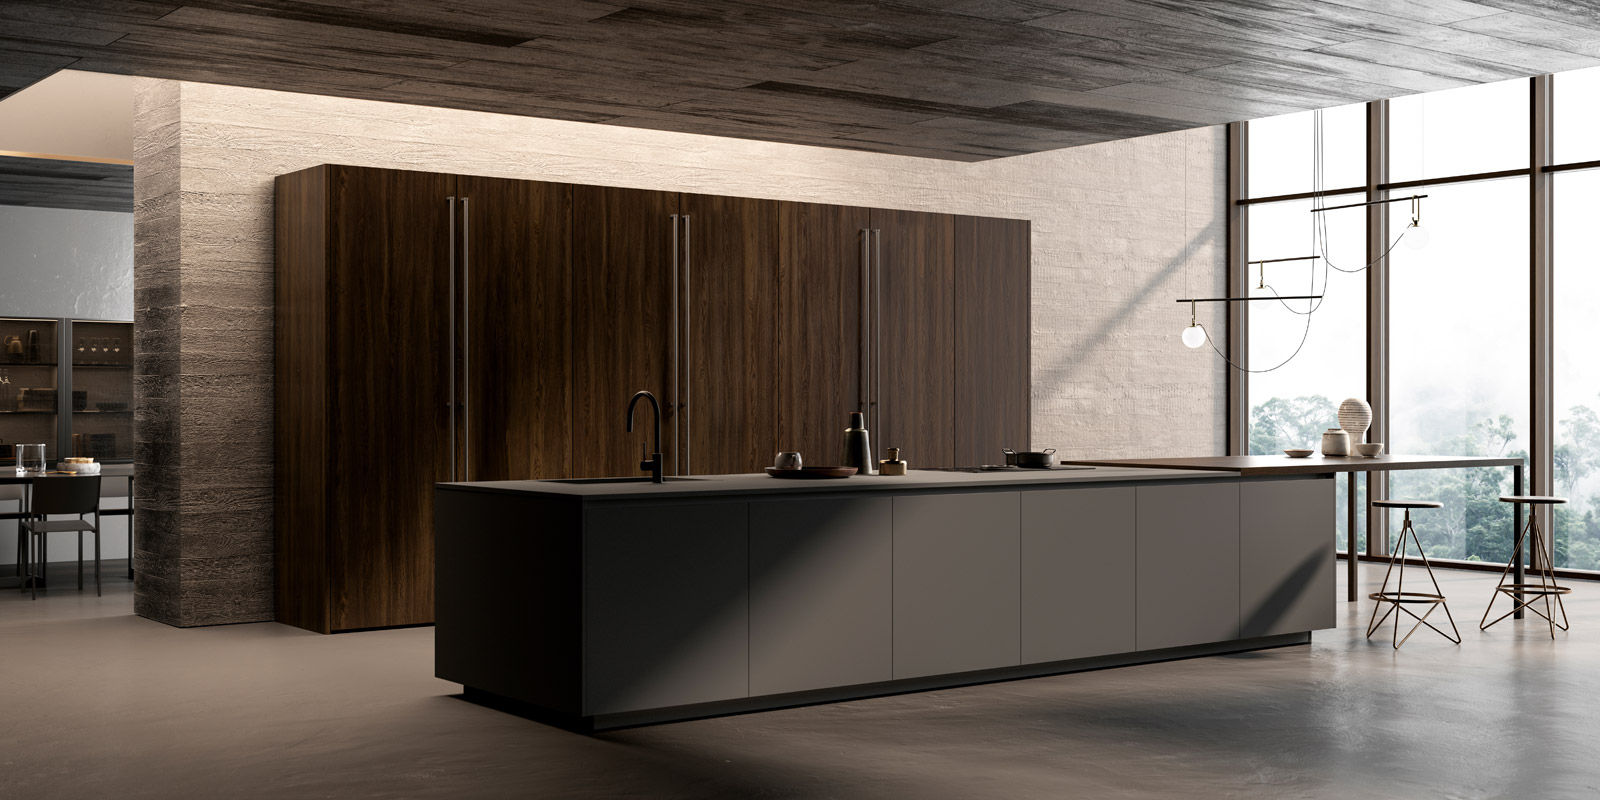 Ernestomeda Küchenmöbel Küche One [C]   Designbest